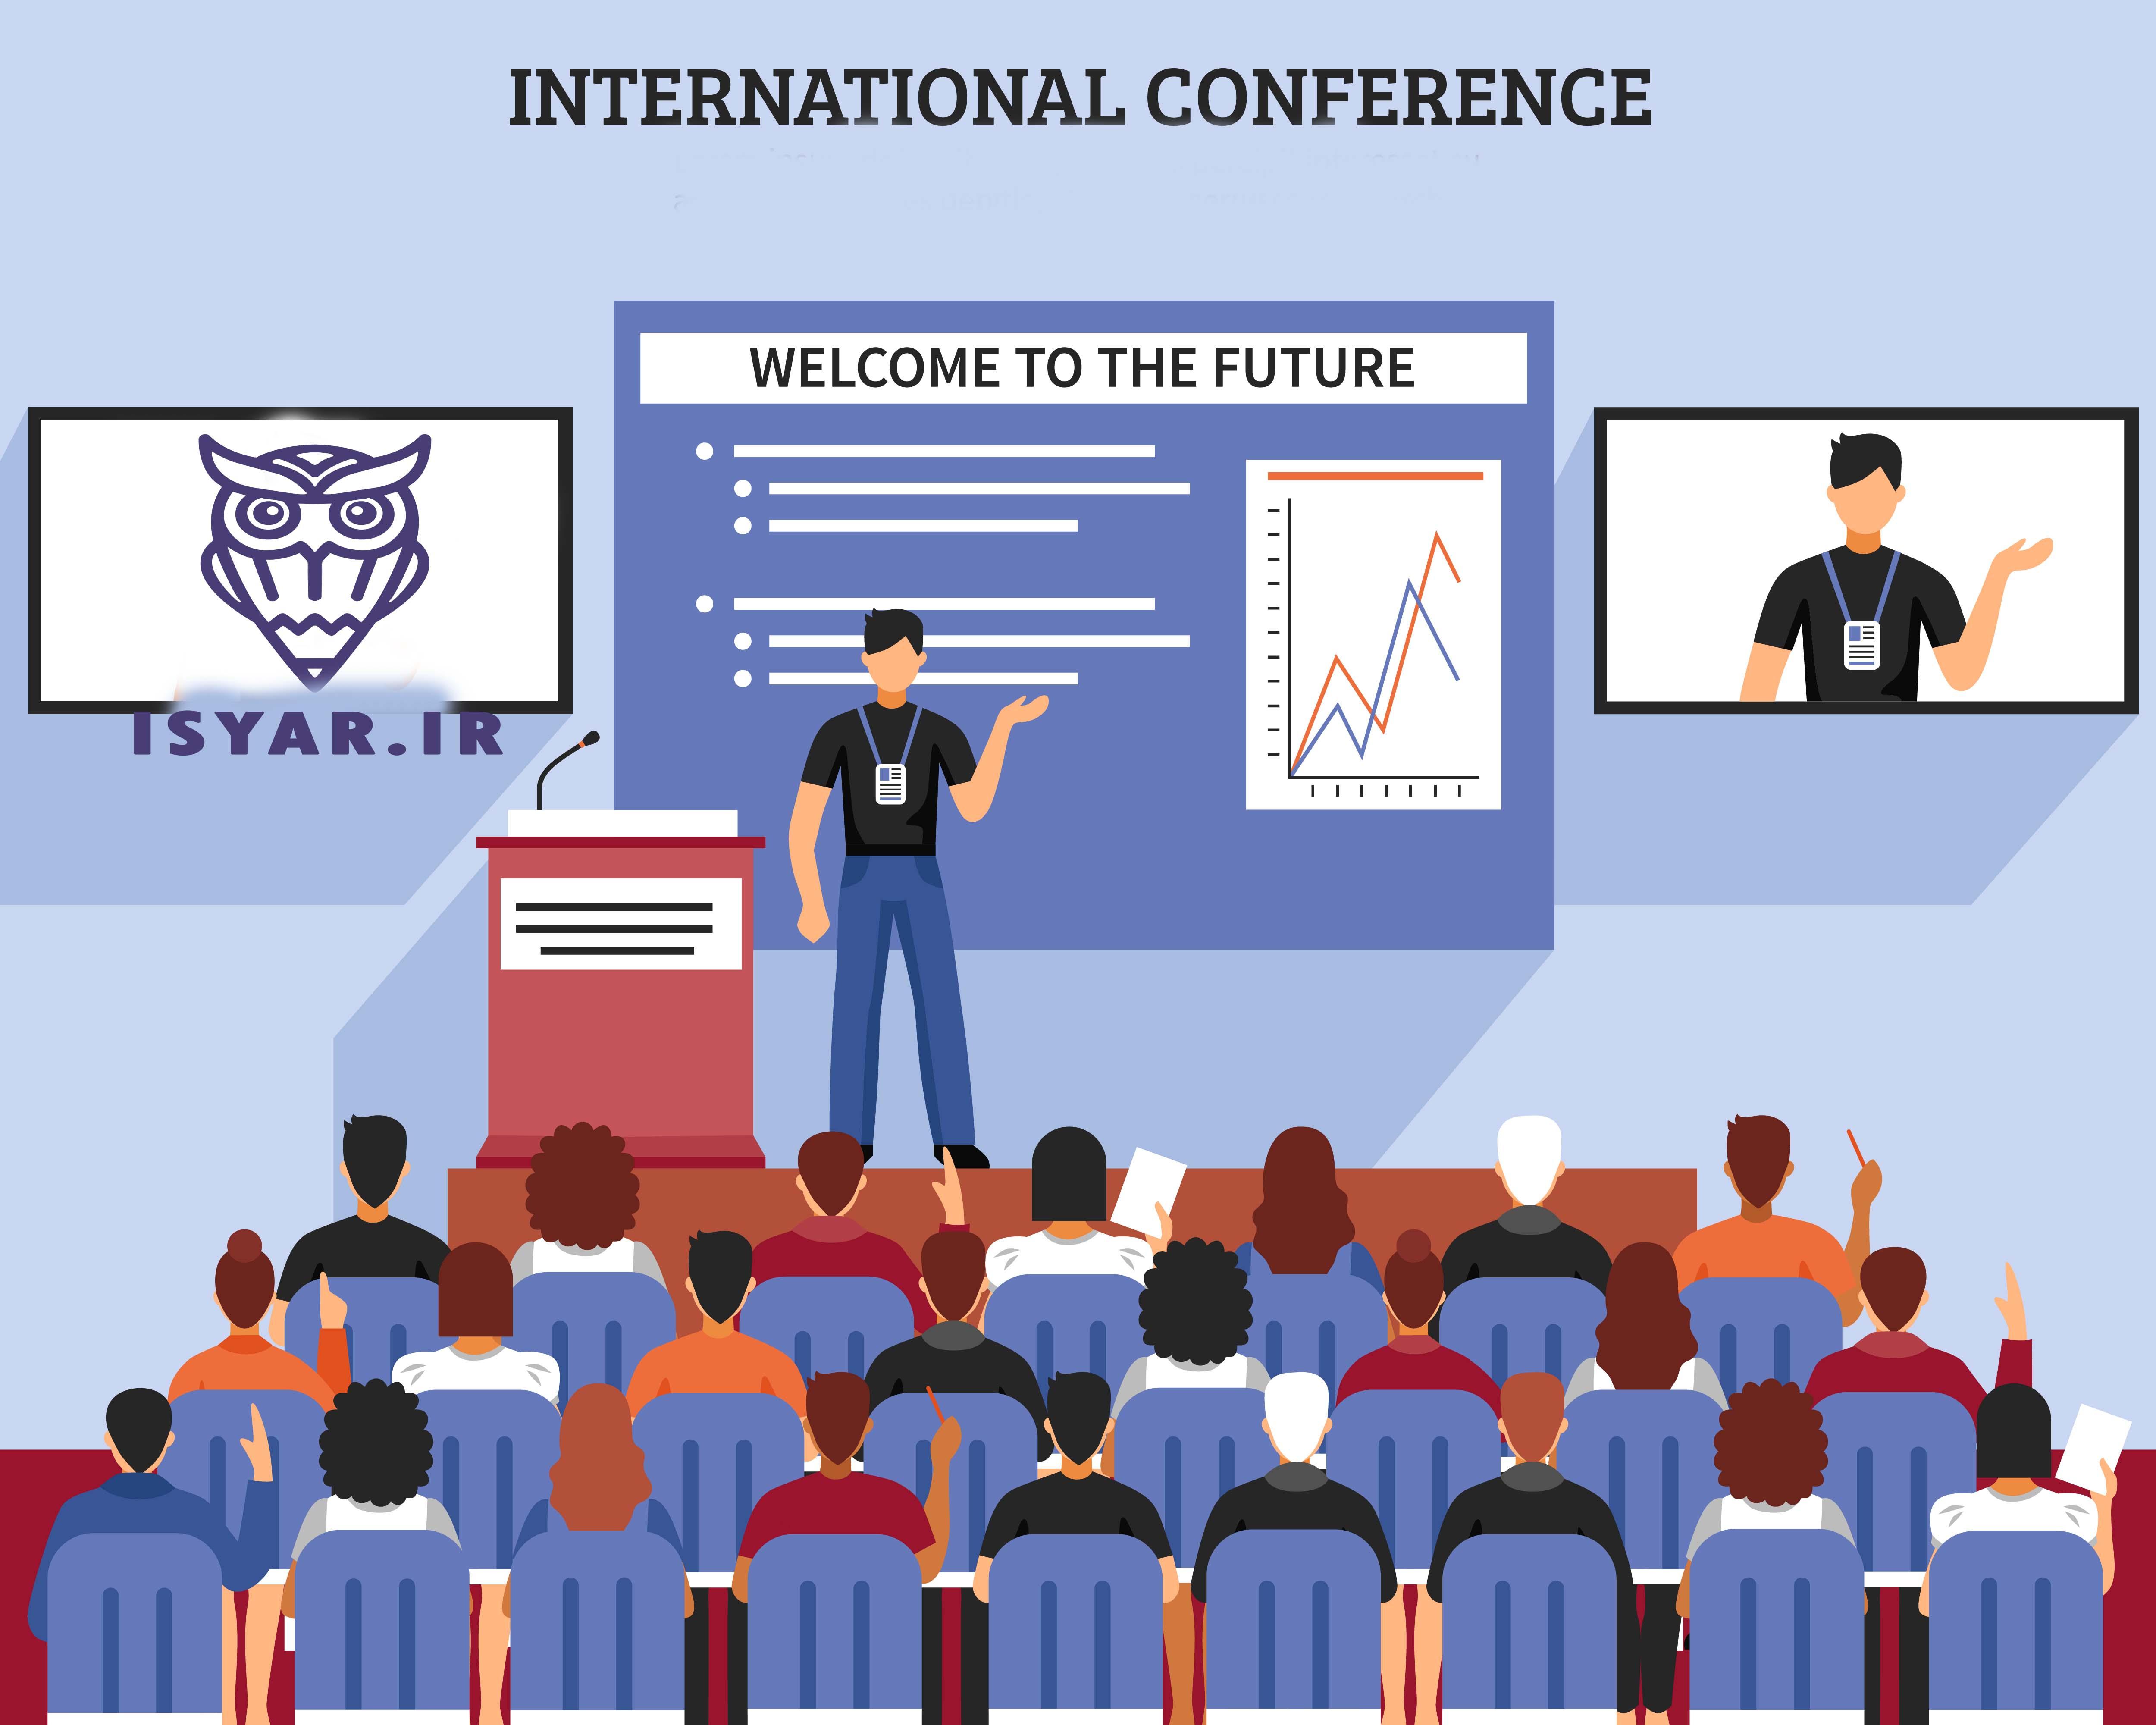 نکاتی مفید برای بهتر شدن در ارائه کنفرانس